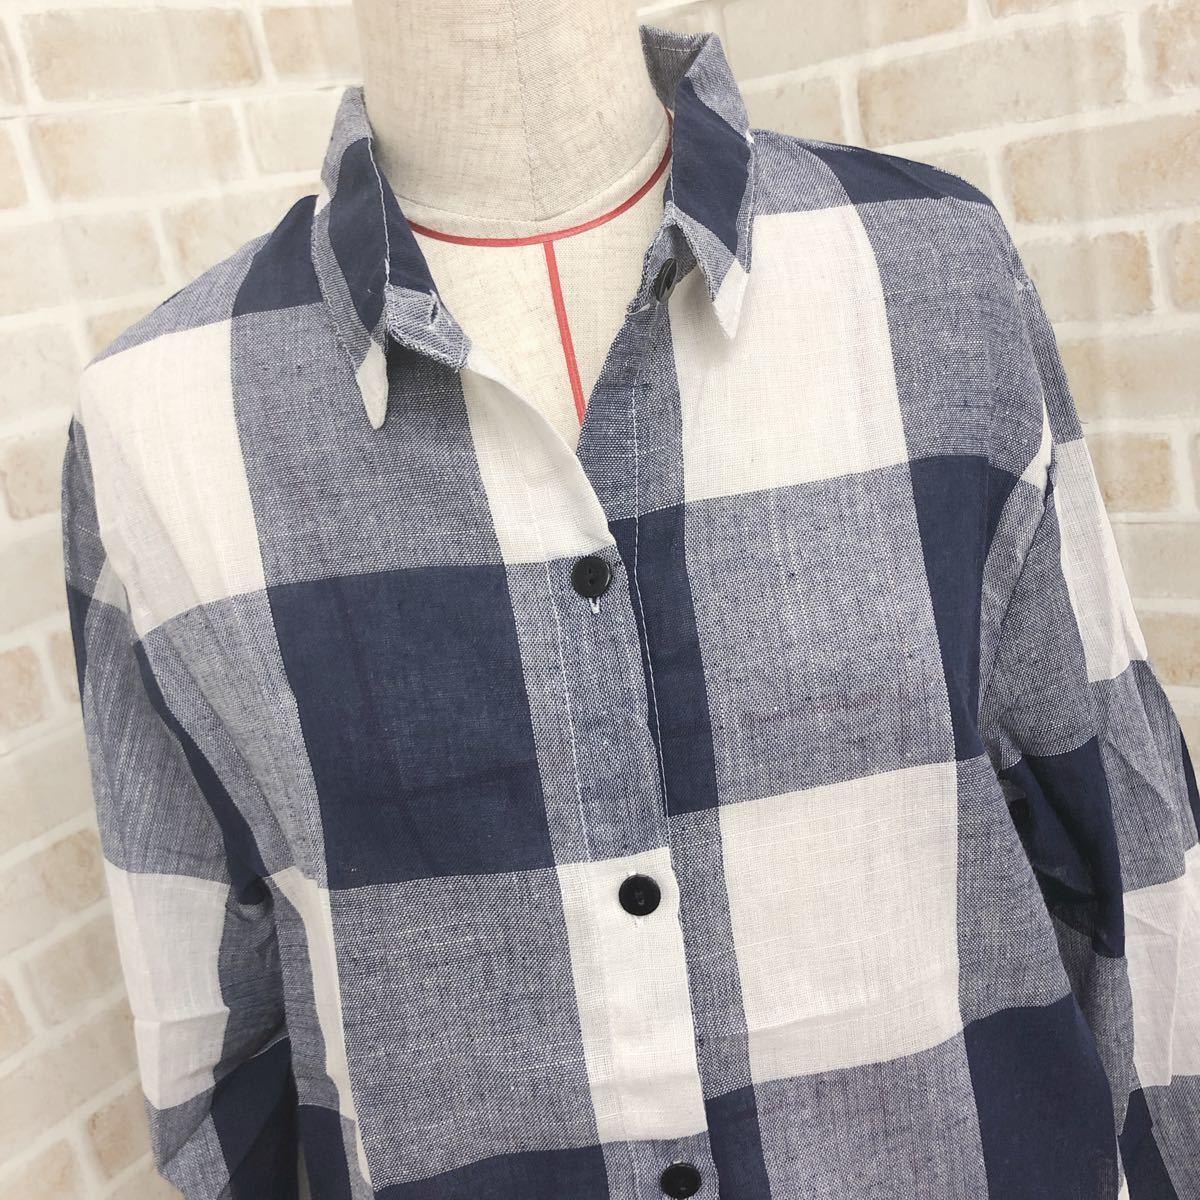 チェック柄 チェックシャツ 夏物 ギンガムチェック 韓国ファッション オルチャン